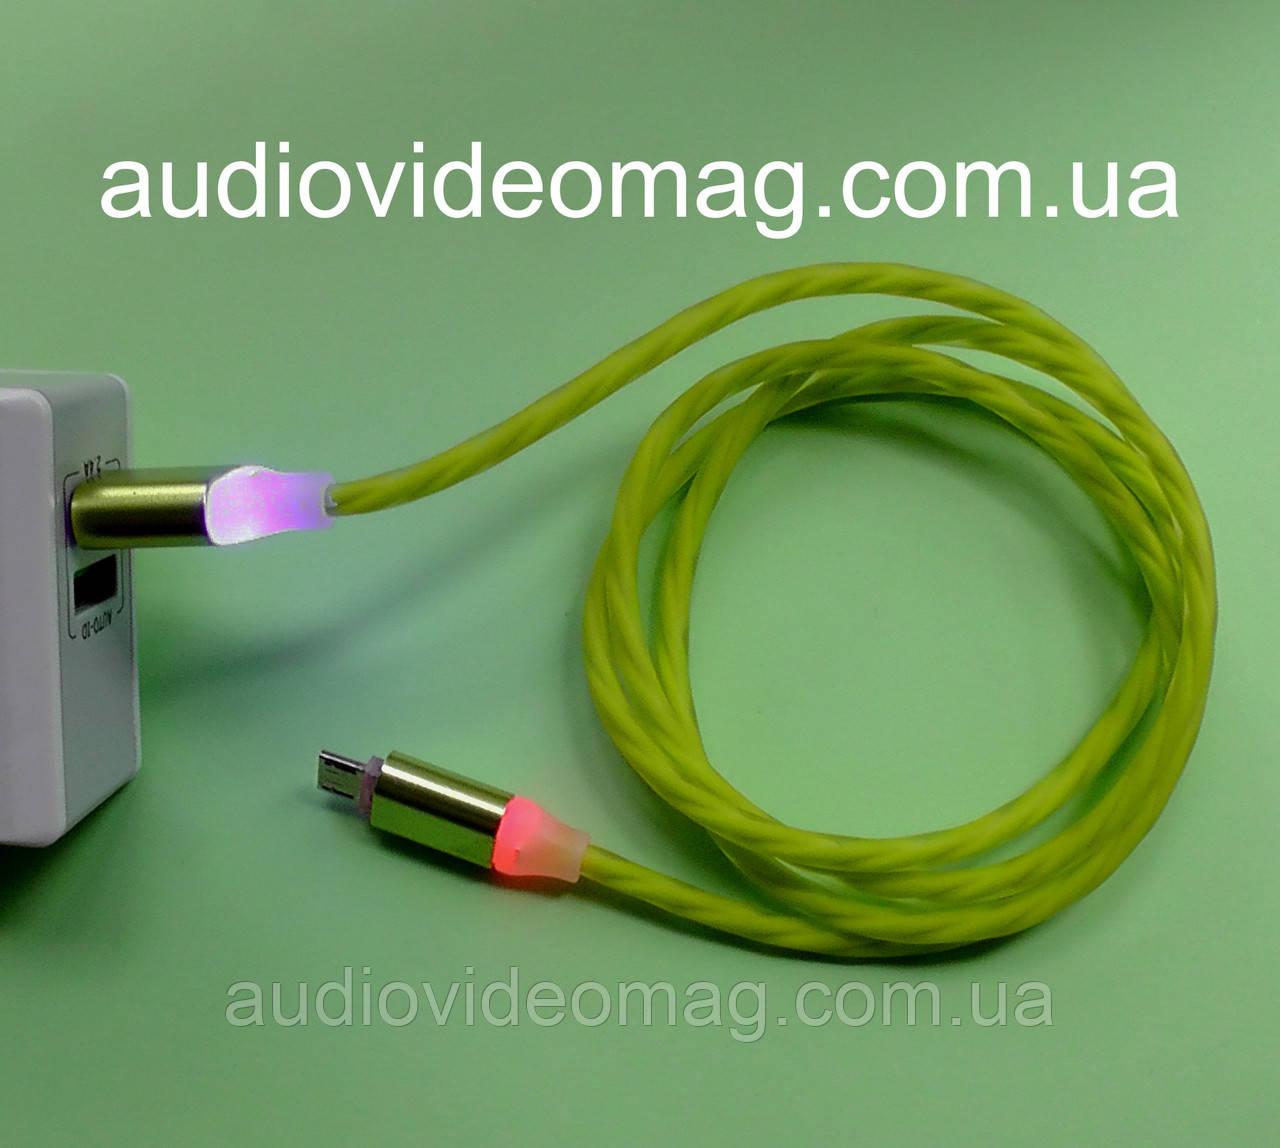 Кабель USB - microUSB мигающий, длина 1 метр